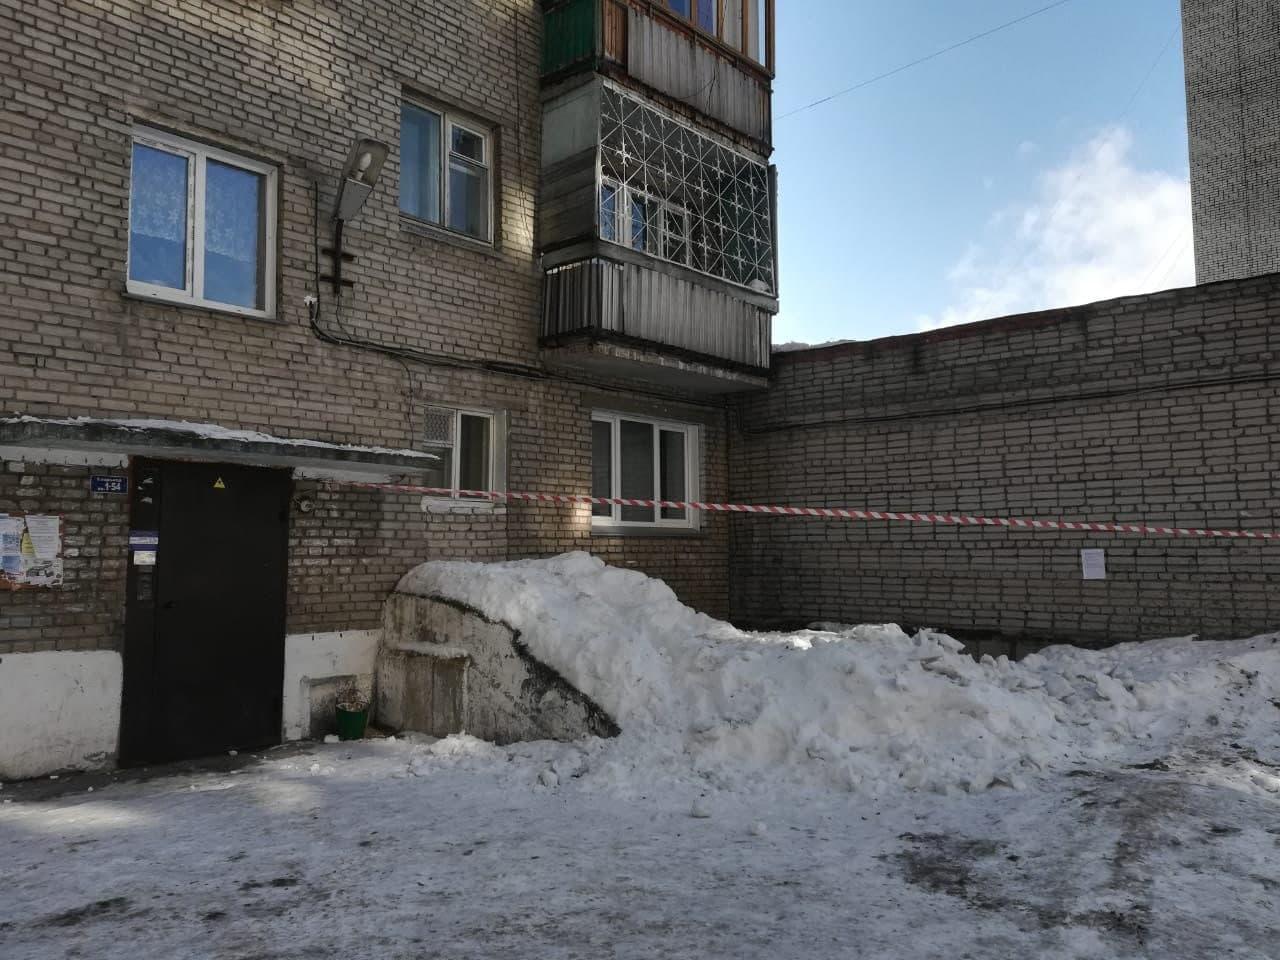 Фото Кровь на снегу: в Новосибирске сосулька-убийца размозжила голову пенсионерке – подробности трагедии 2